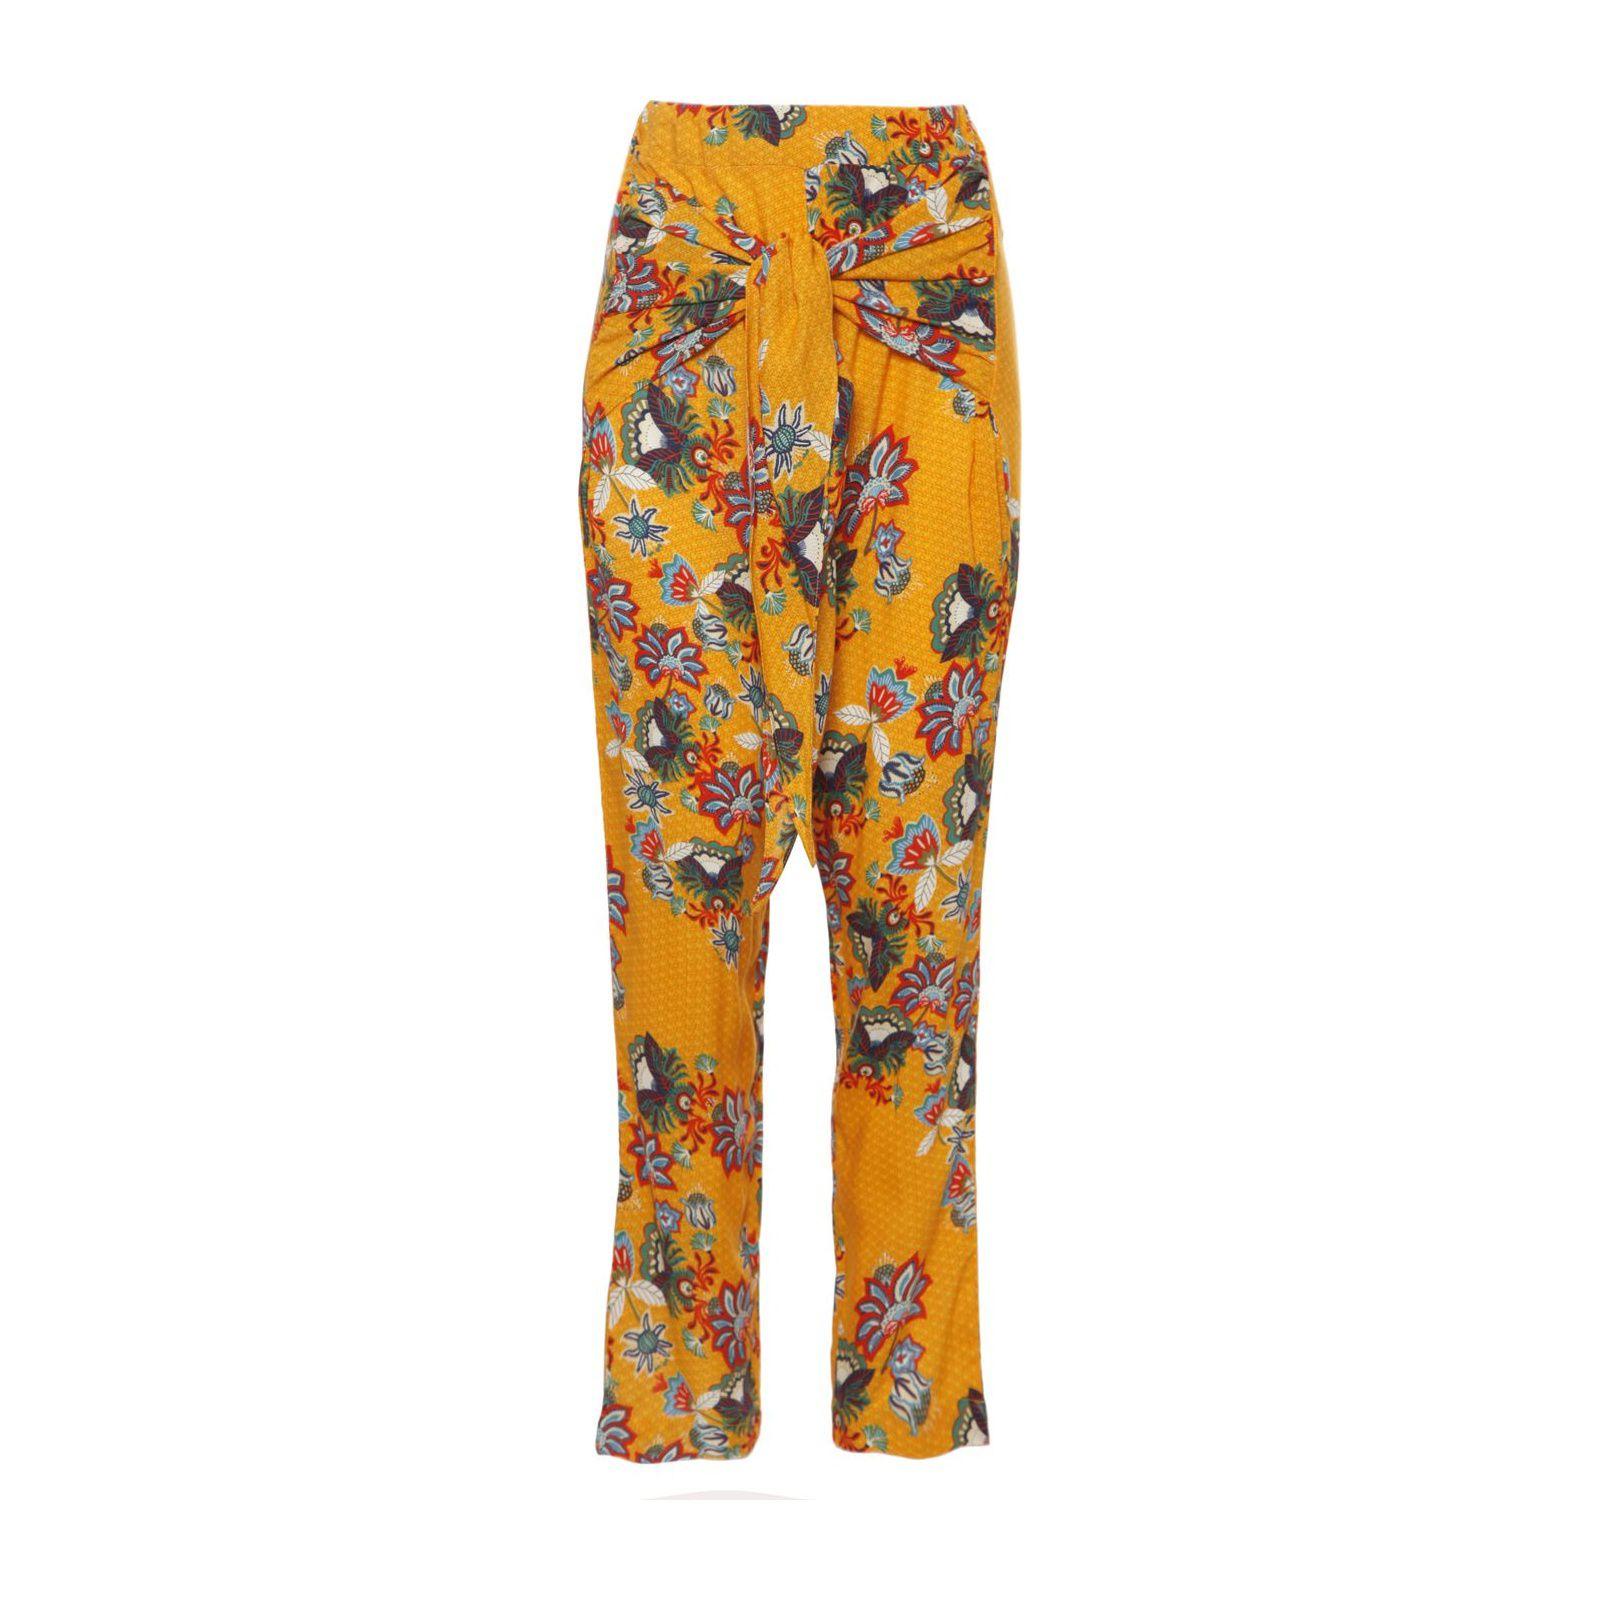 Calça Pantalona Malik - Amarela